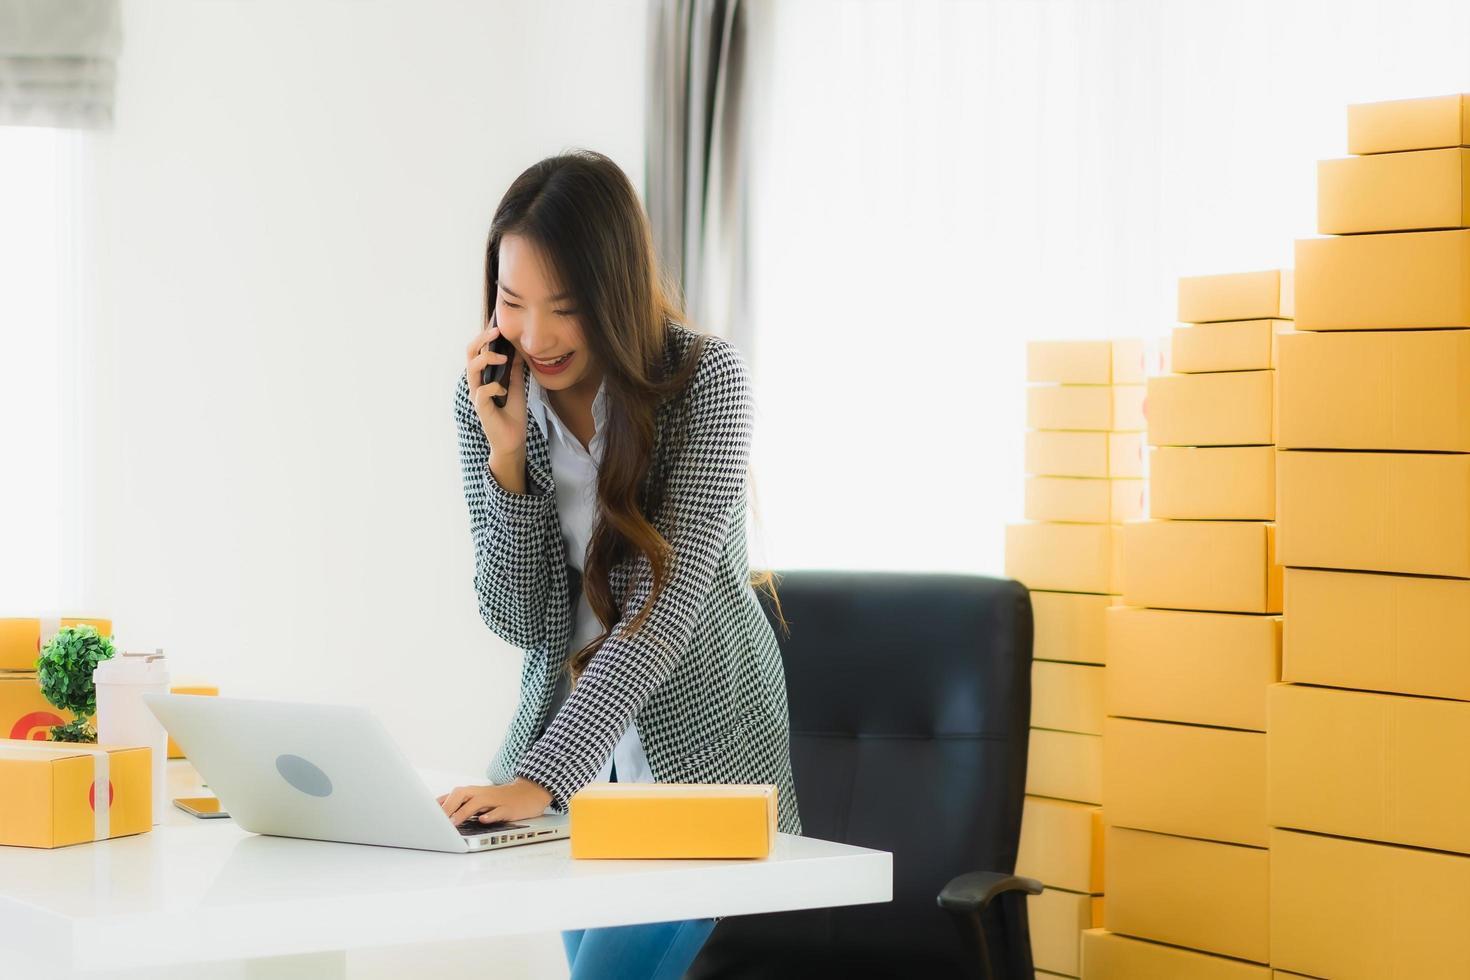 Geschäftsfrau telefoniert und arbeitet am Computer mit Paketen hinter sich foto